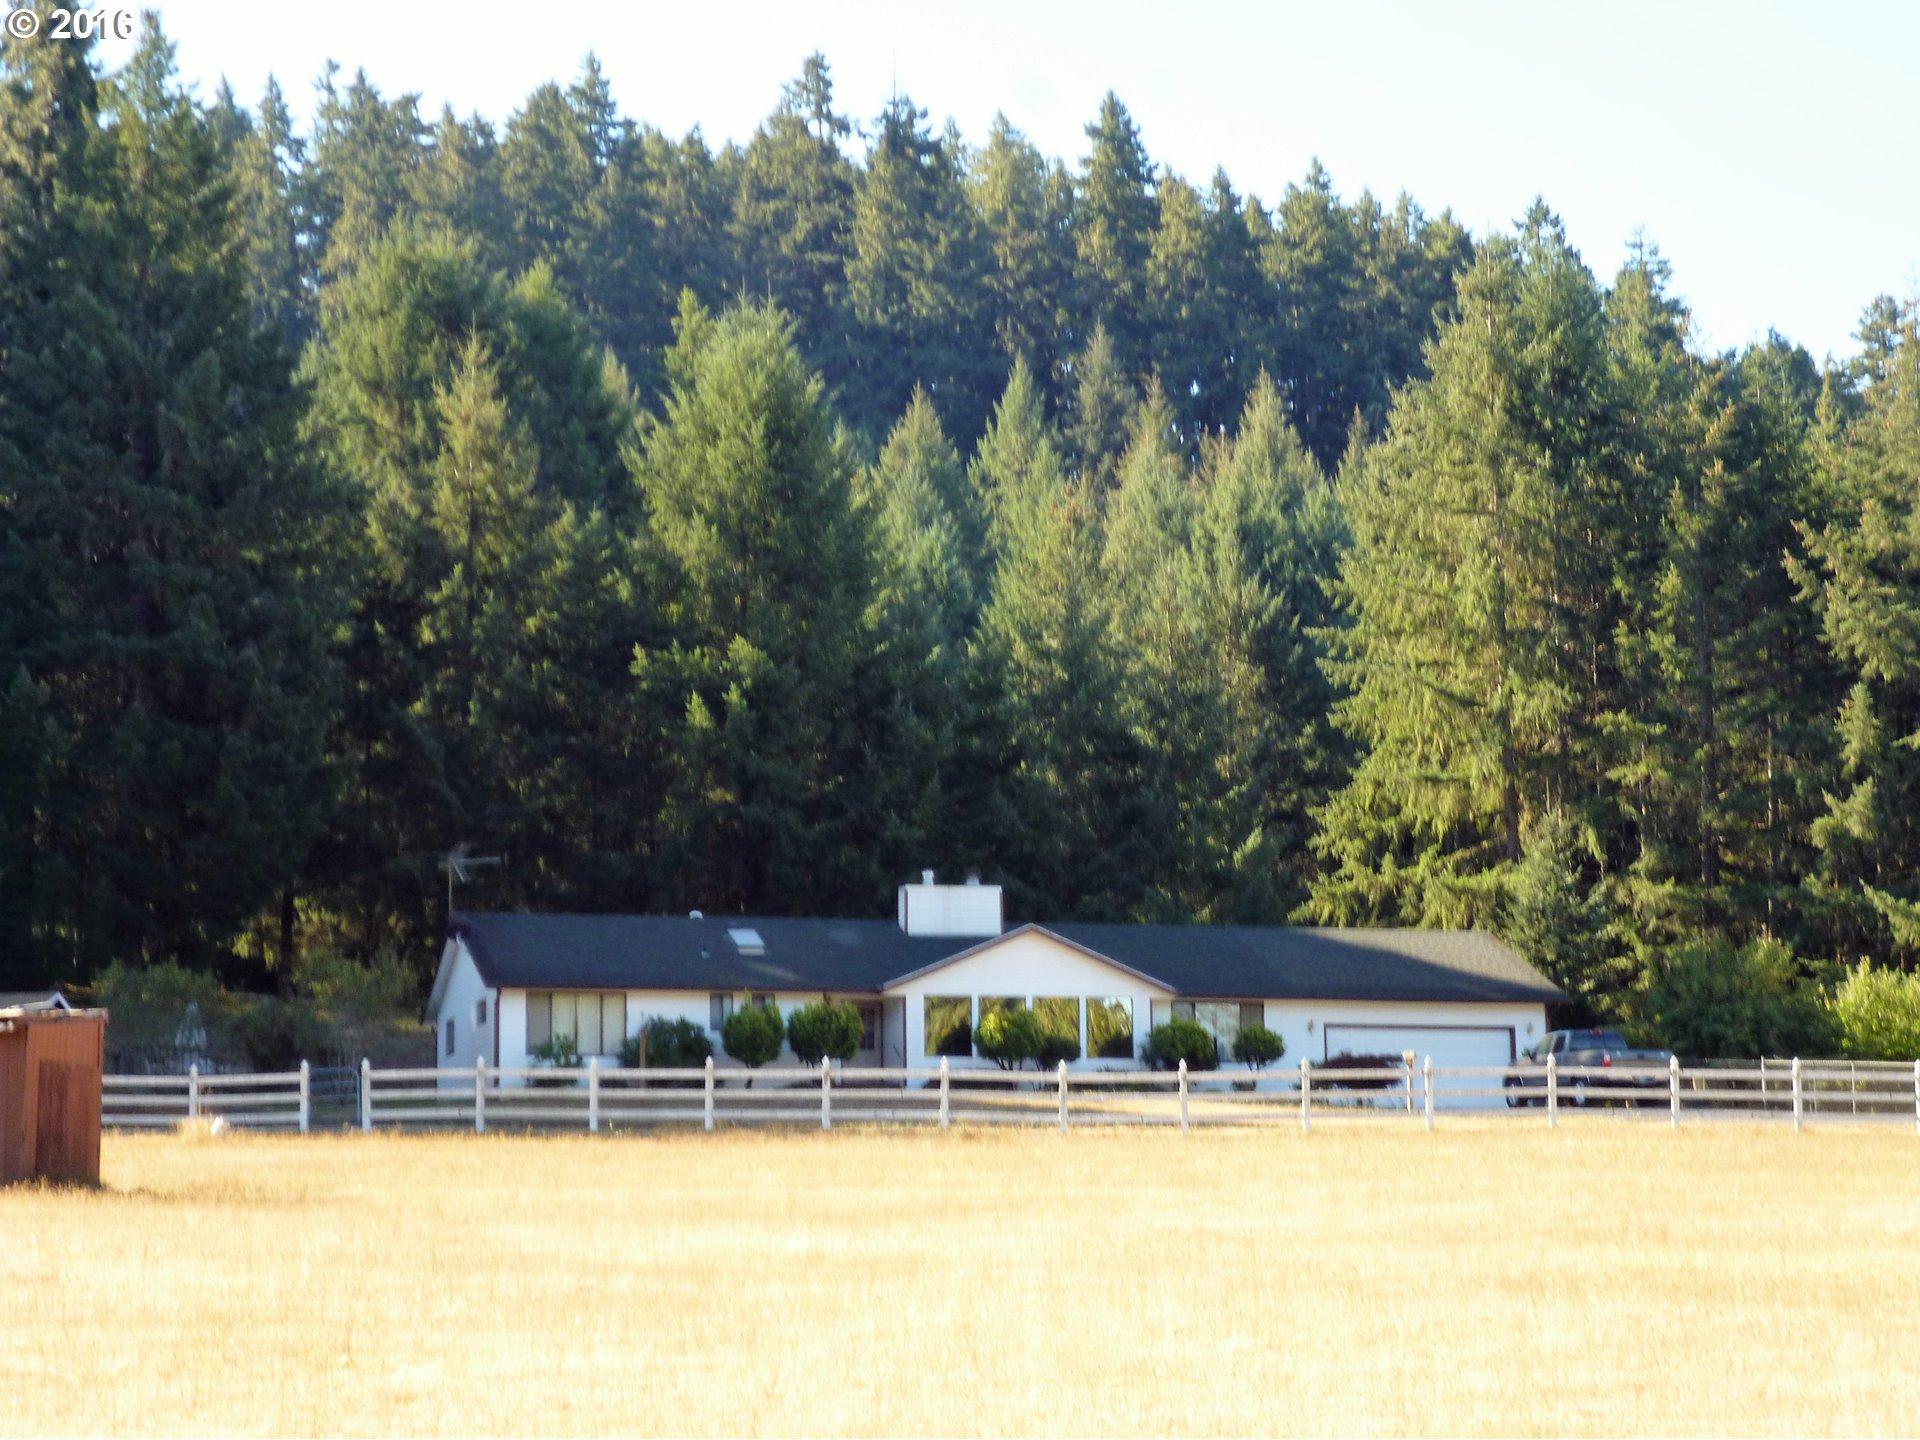 34336 STEWART HILLS LN, Cottage Grove OR 97424